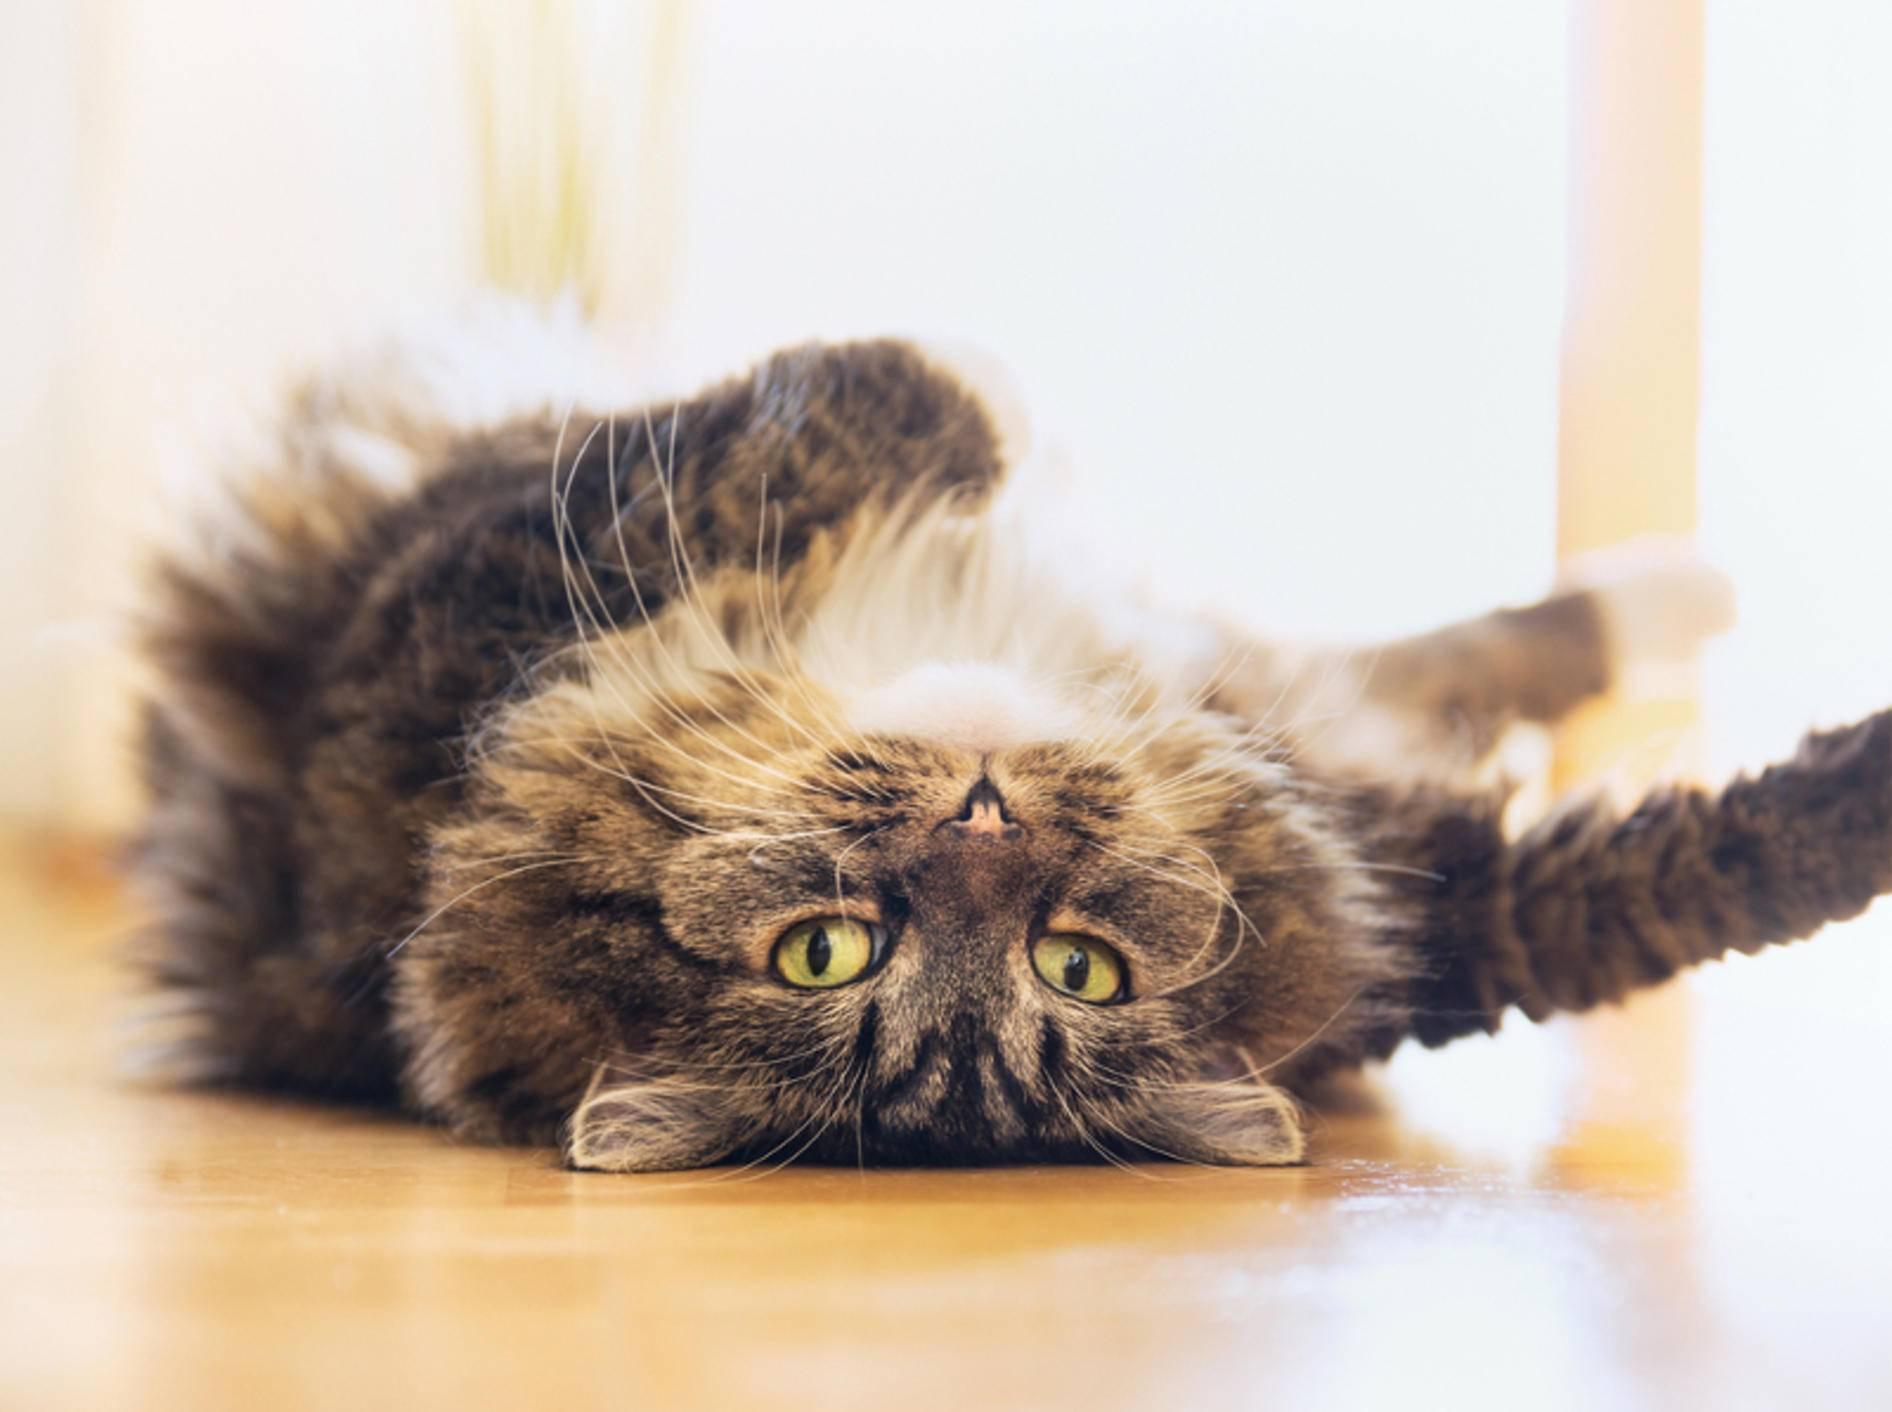 Legen Katzen sich auf den Rücken, hat das selten etwas mit Faulheit zu tun – shutterstock / VICUSCHKA